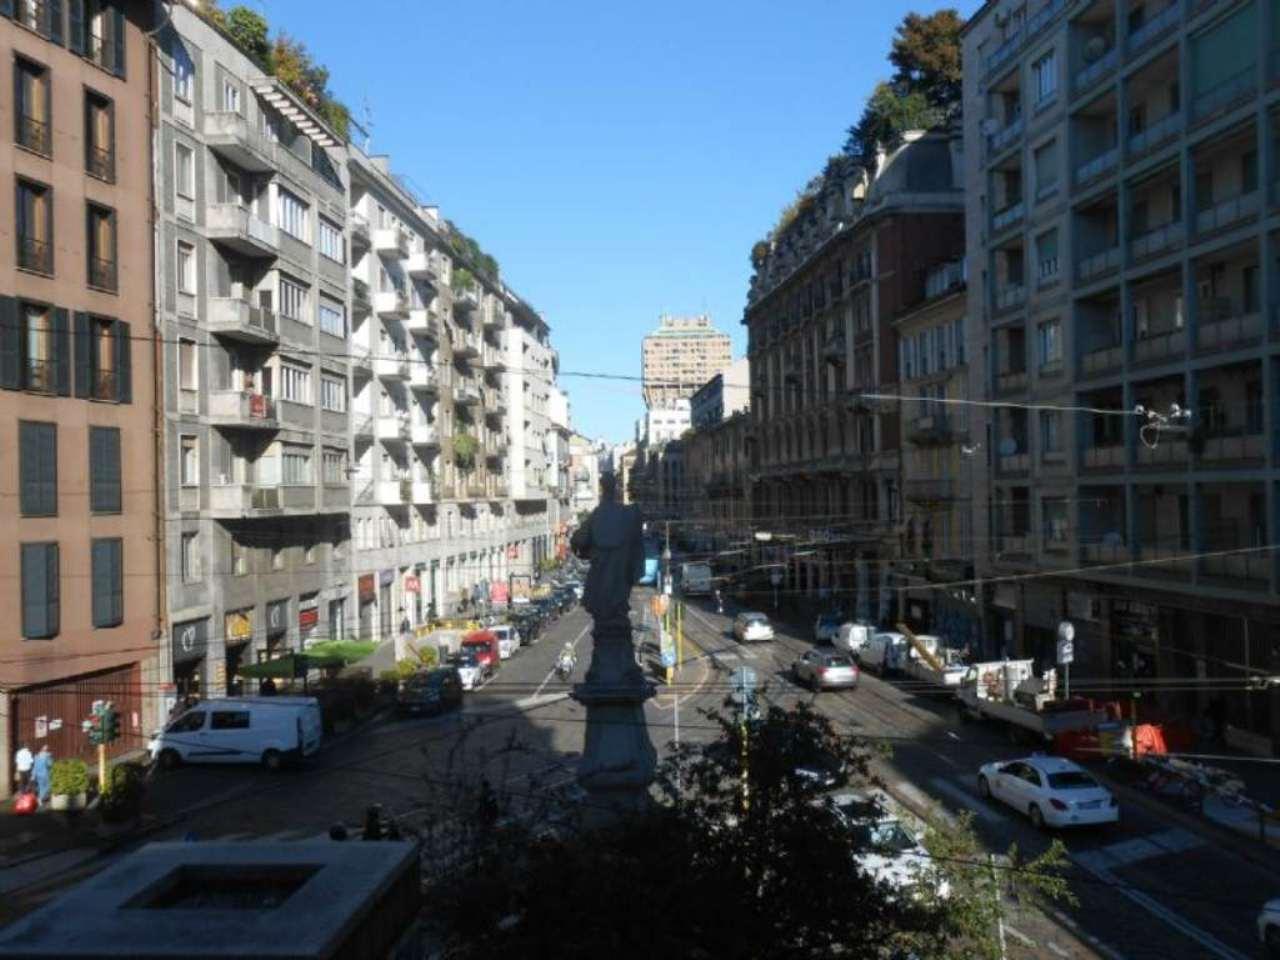 Fontana immobili di prestigio agenzia immobiliare milano - Agenzia immobiliare porta romana ...